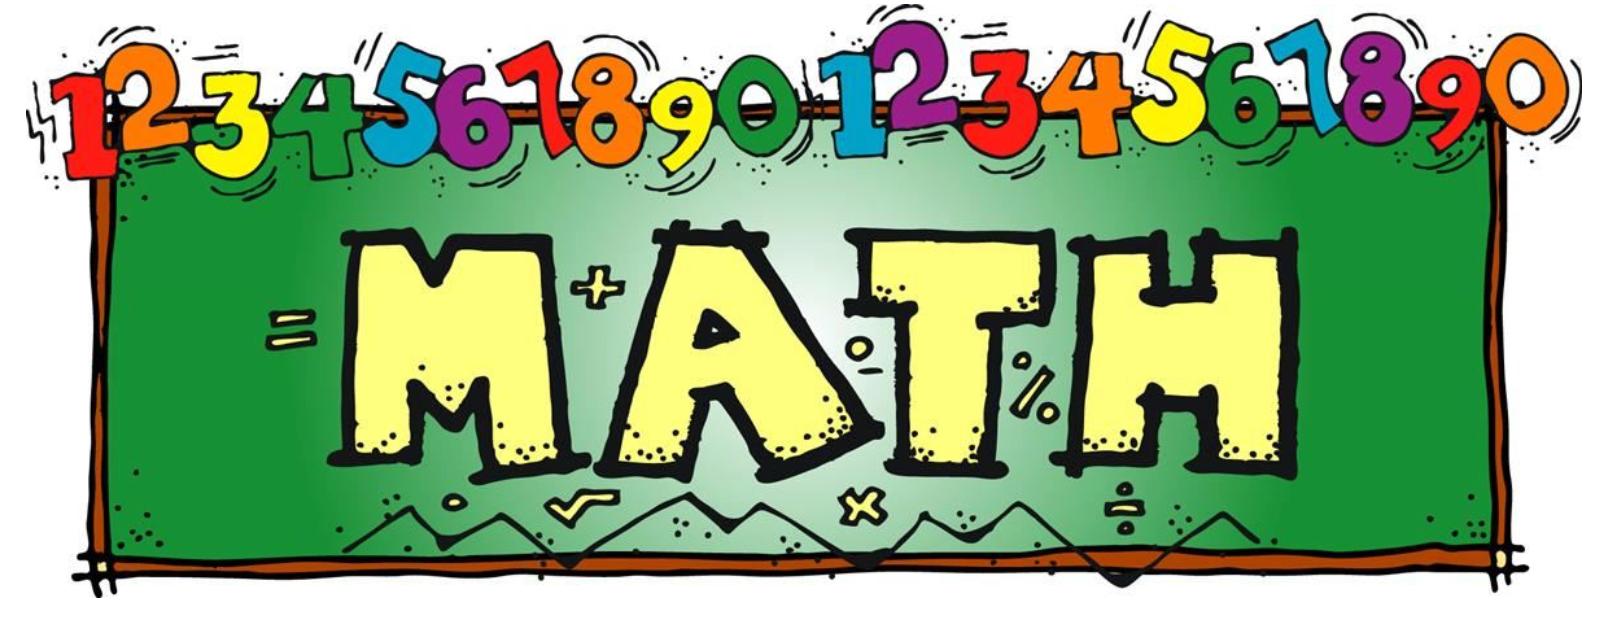 Math gif